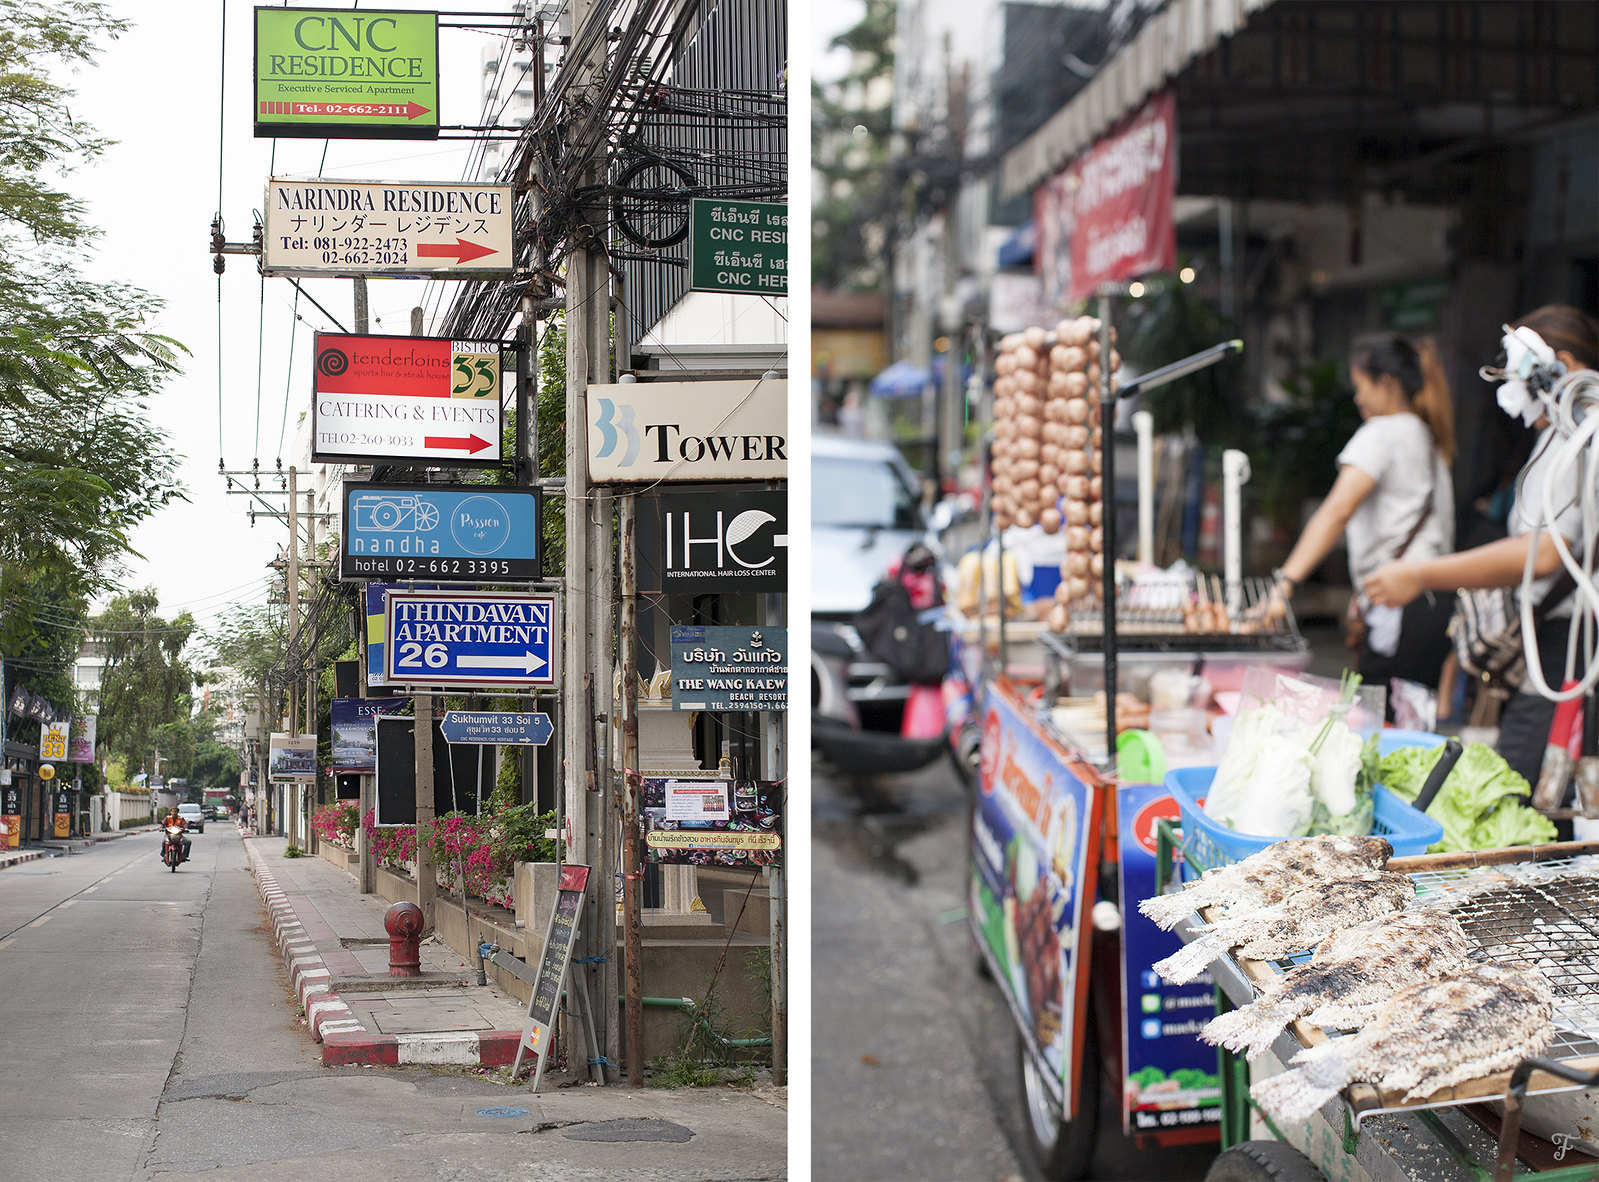 bangkok thailand fensismensi blog street